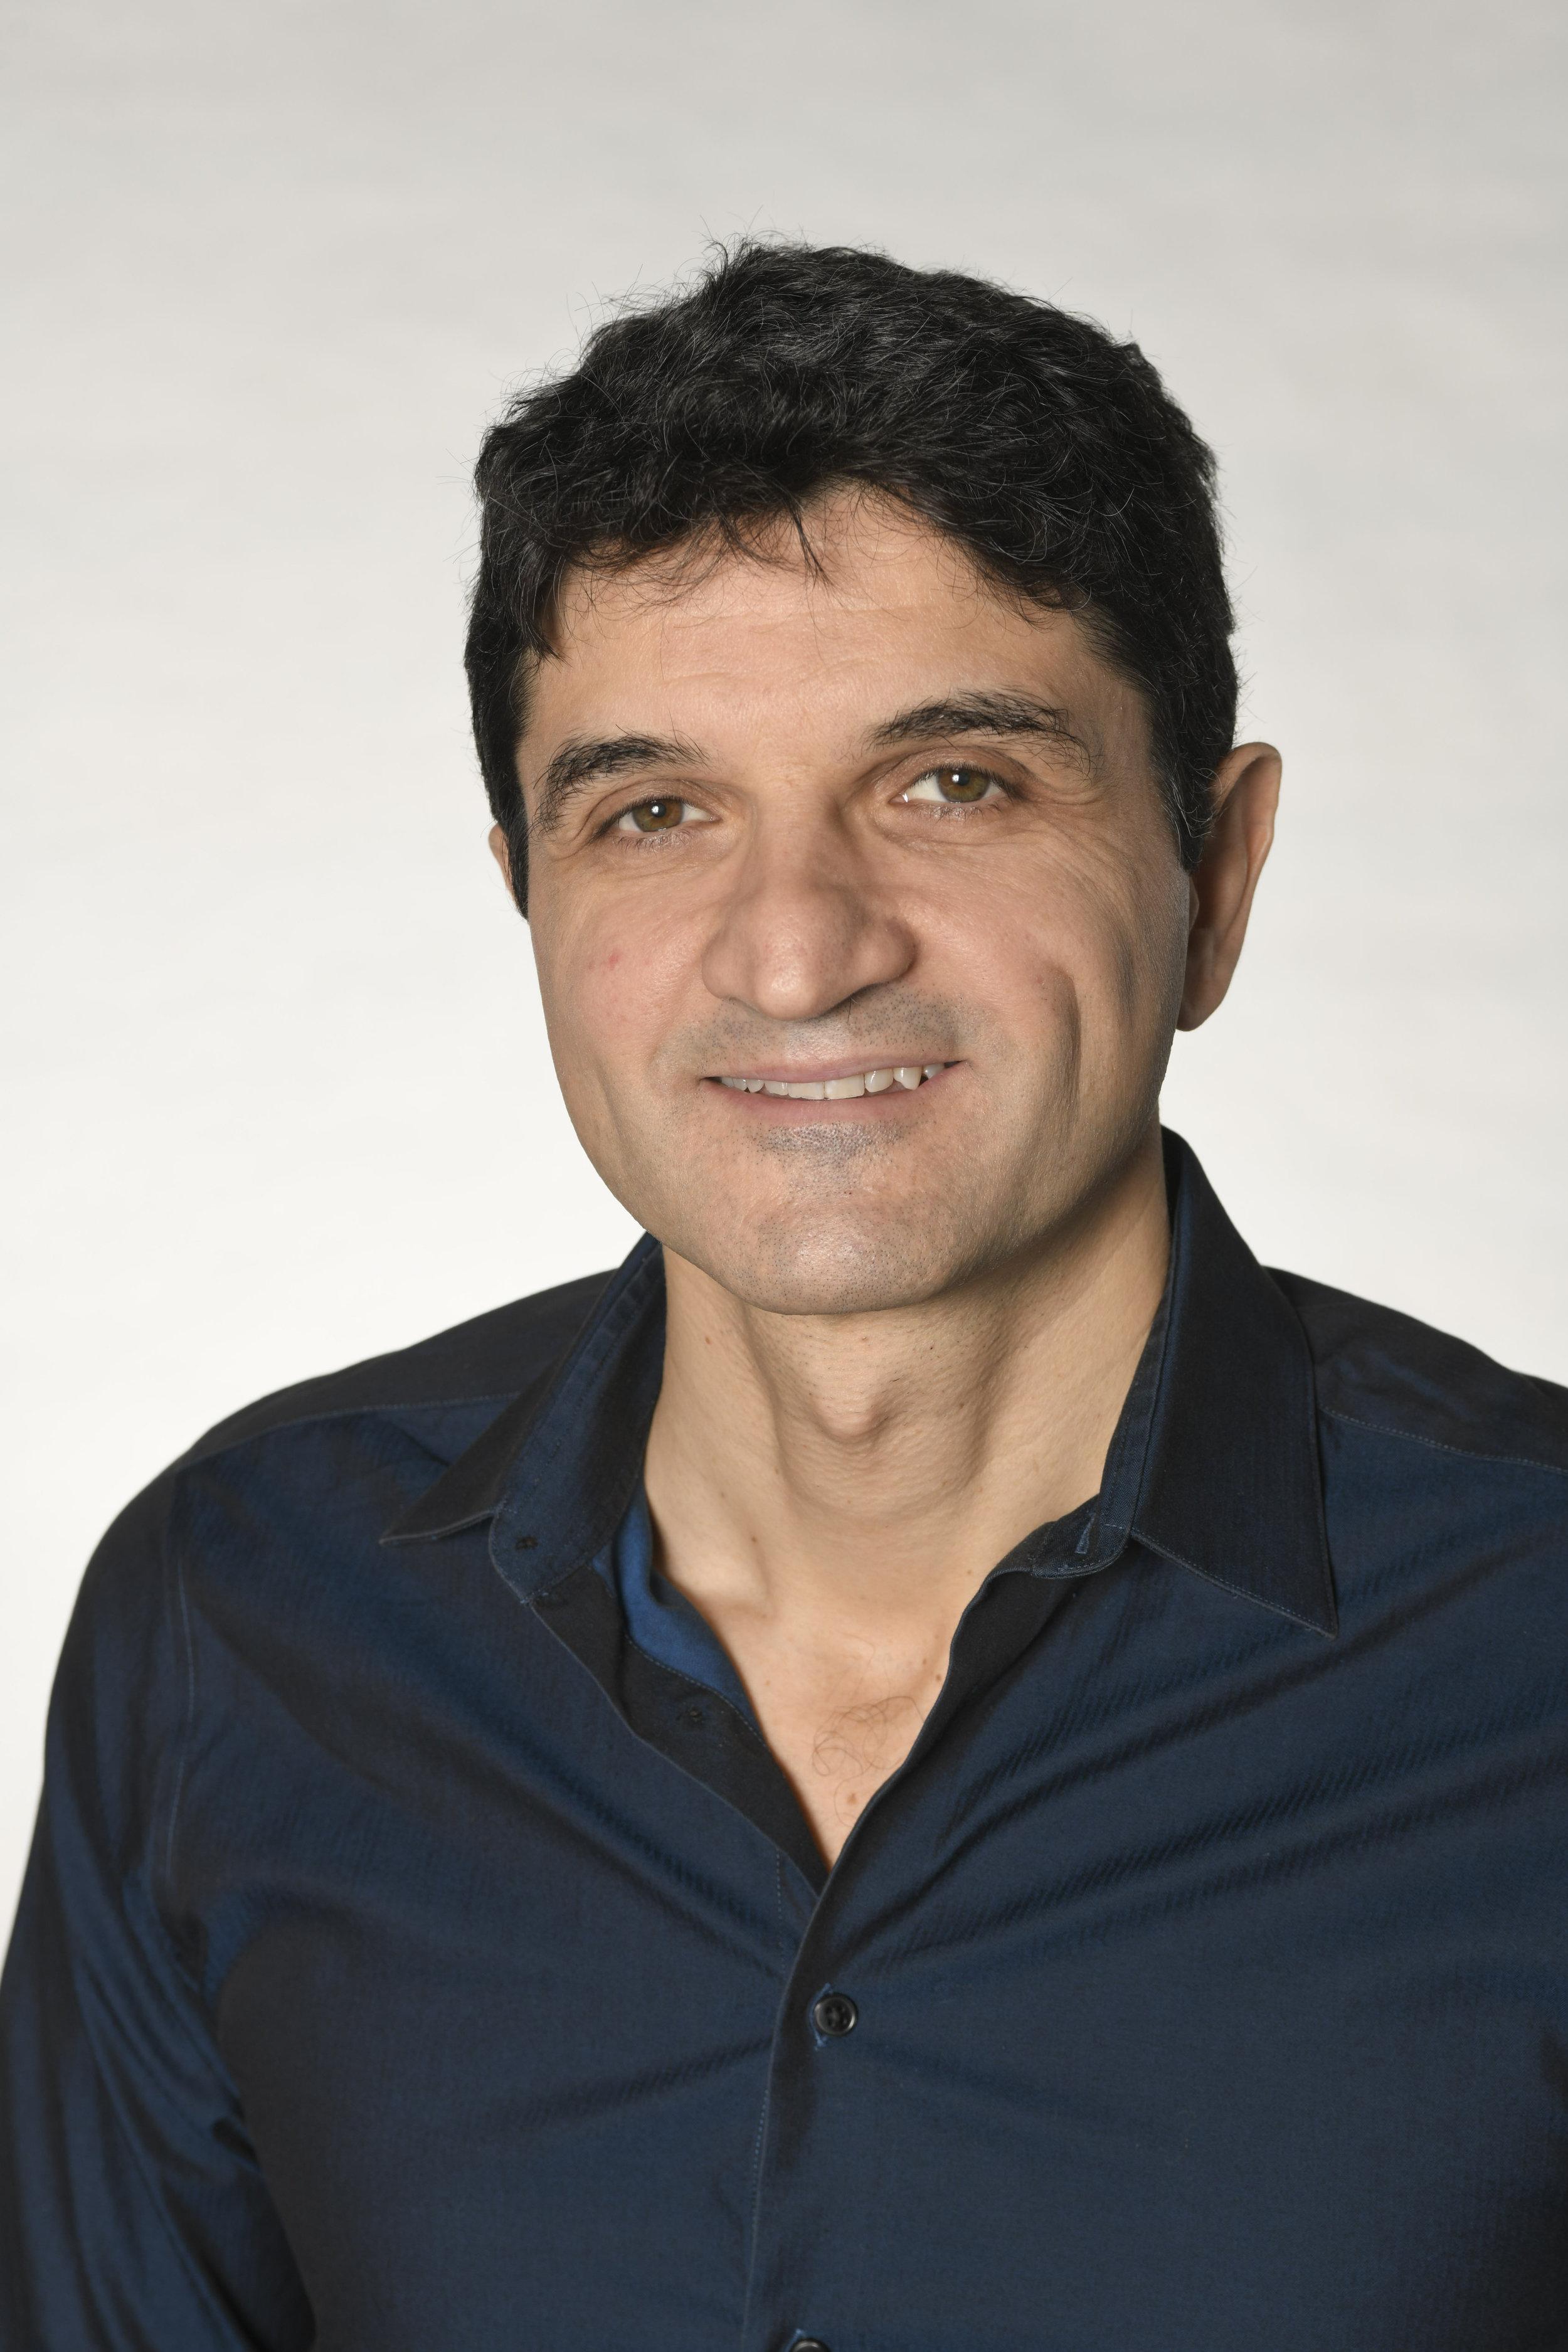 Vincenzo_Minino headshot.JPG